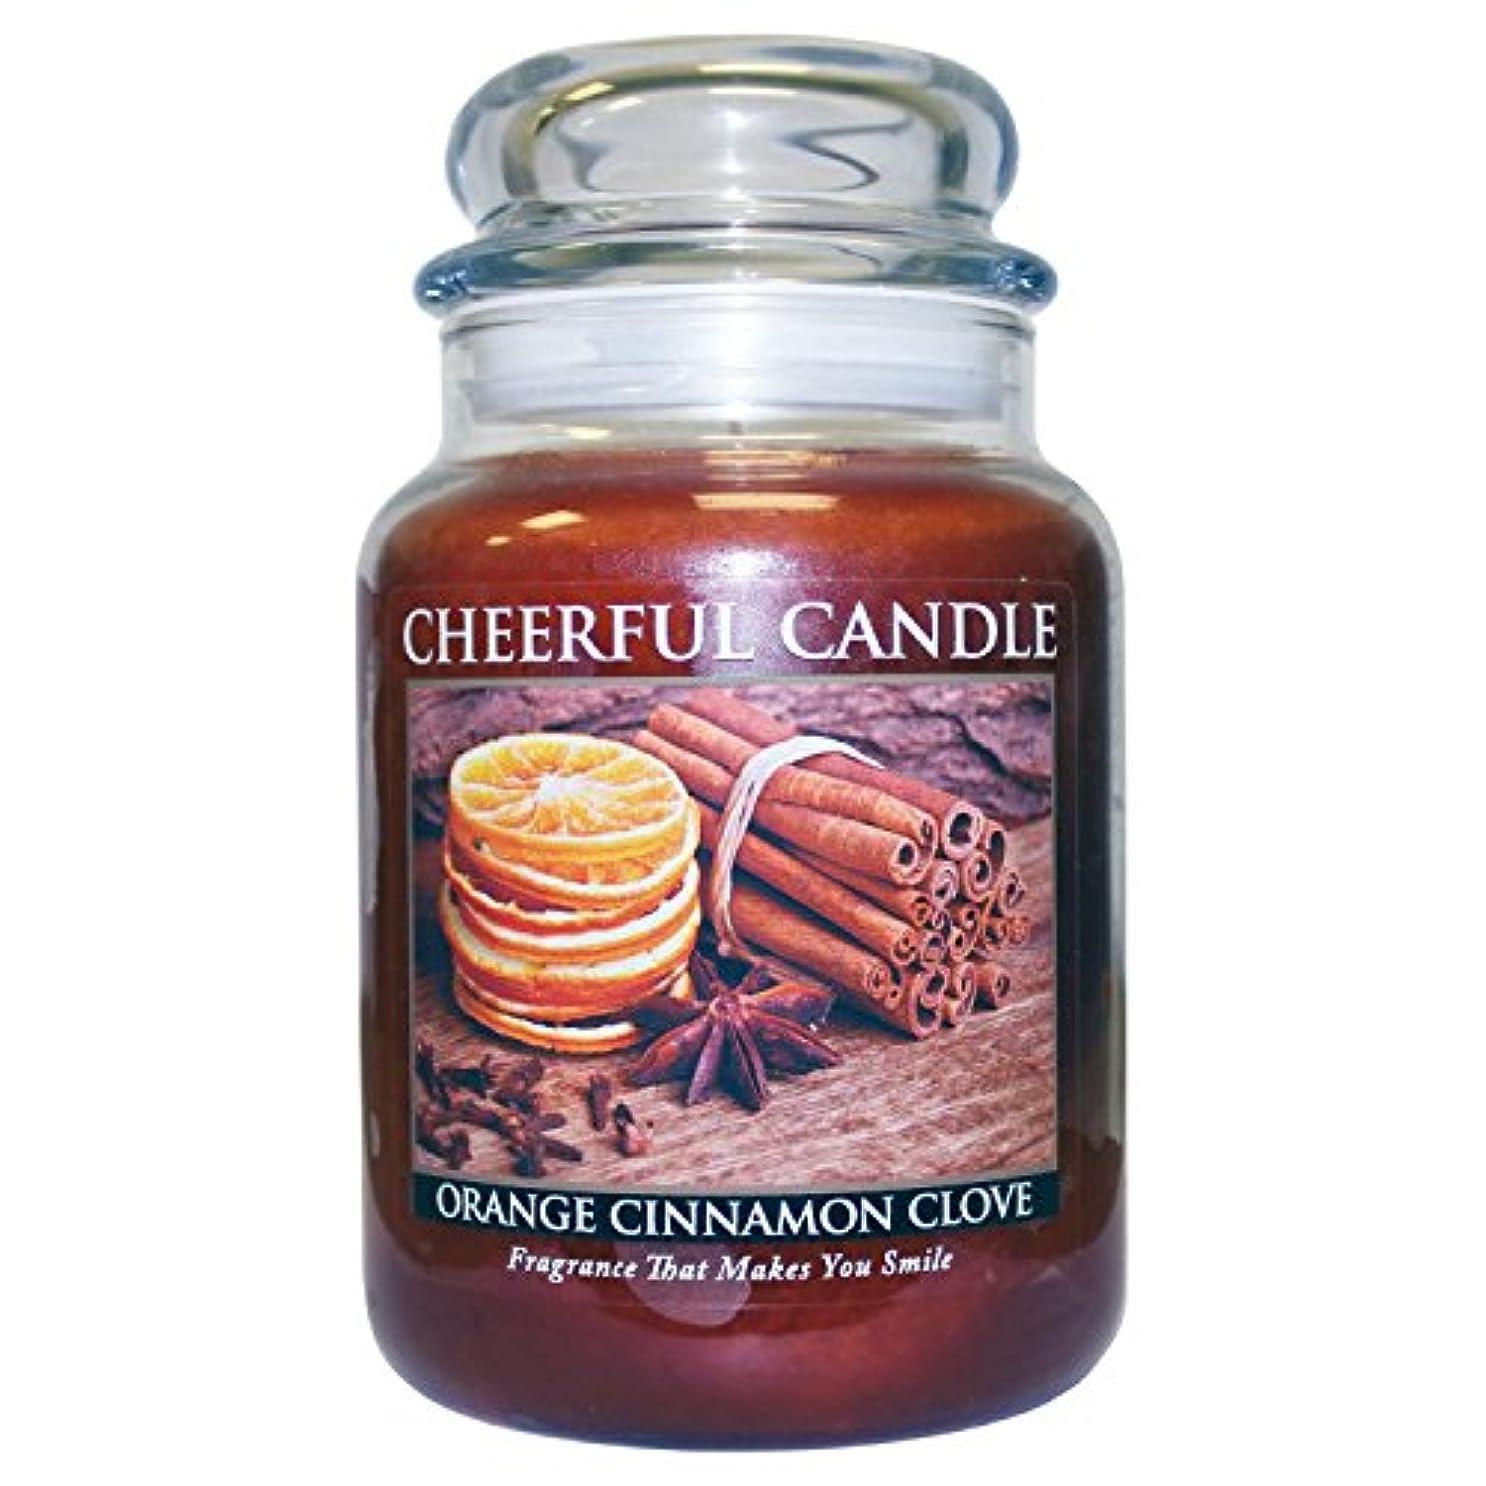 恐ろしいですあなたは診療所A Cheerful Giver Orange Cinnamon Clove Jar Candle, 24-Ounce by Cheerful Giver [並行輸入品]